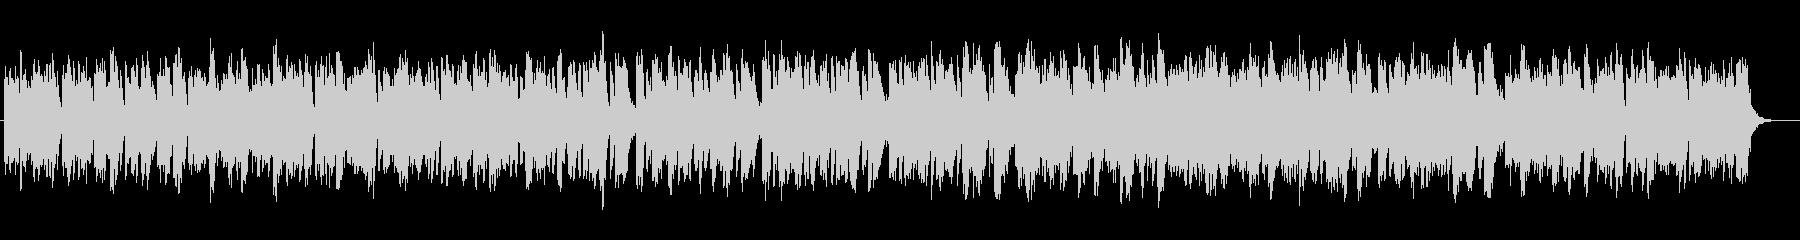 ストリングスのヒーリングミュージックの未再生の波形